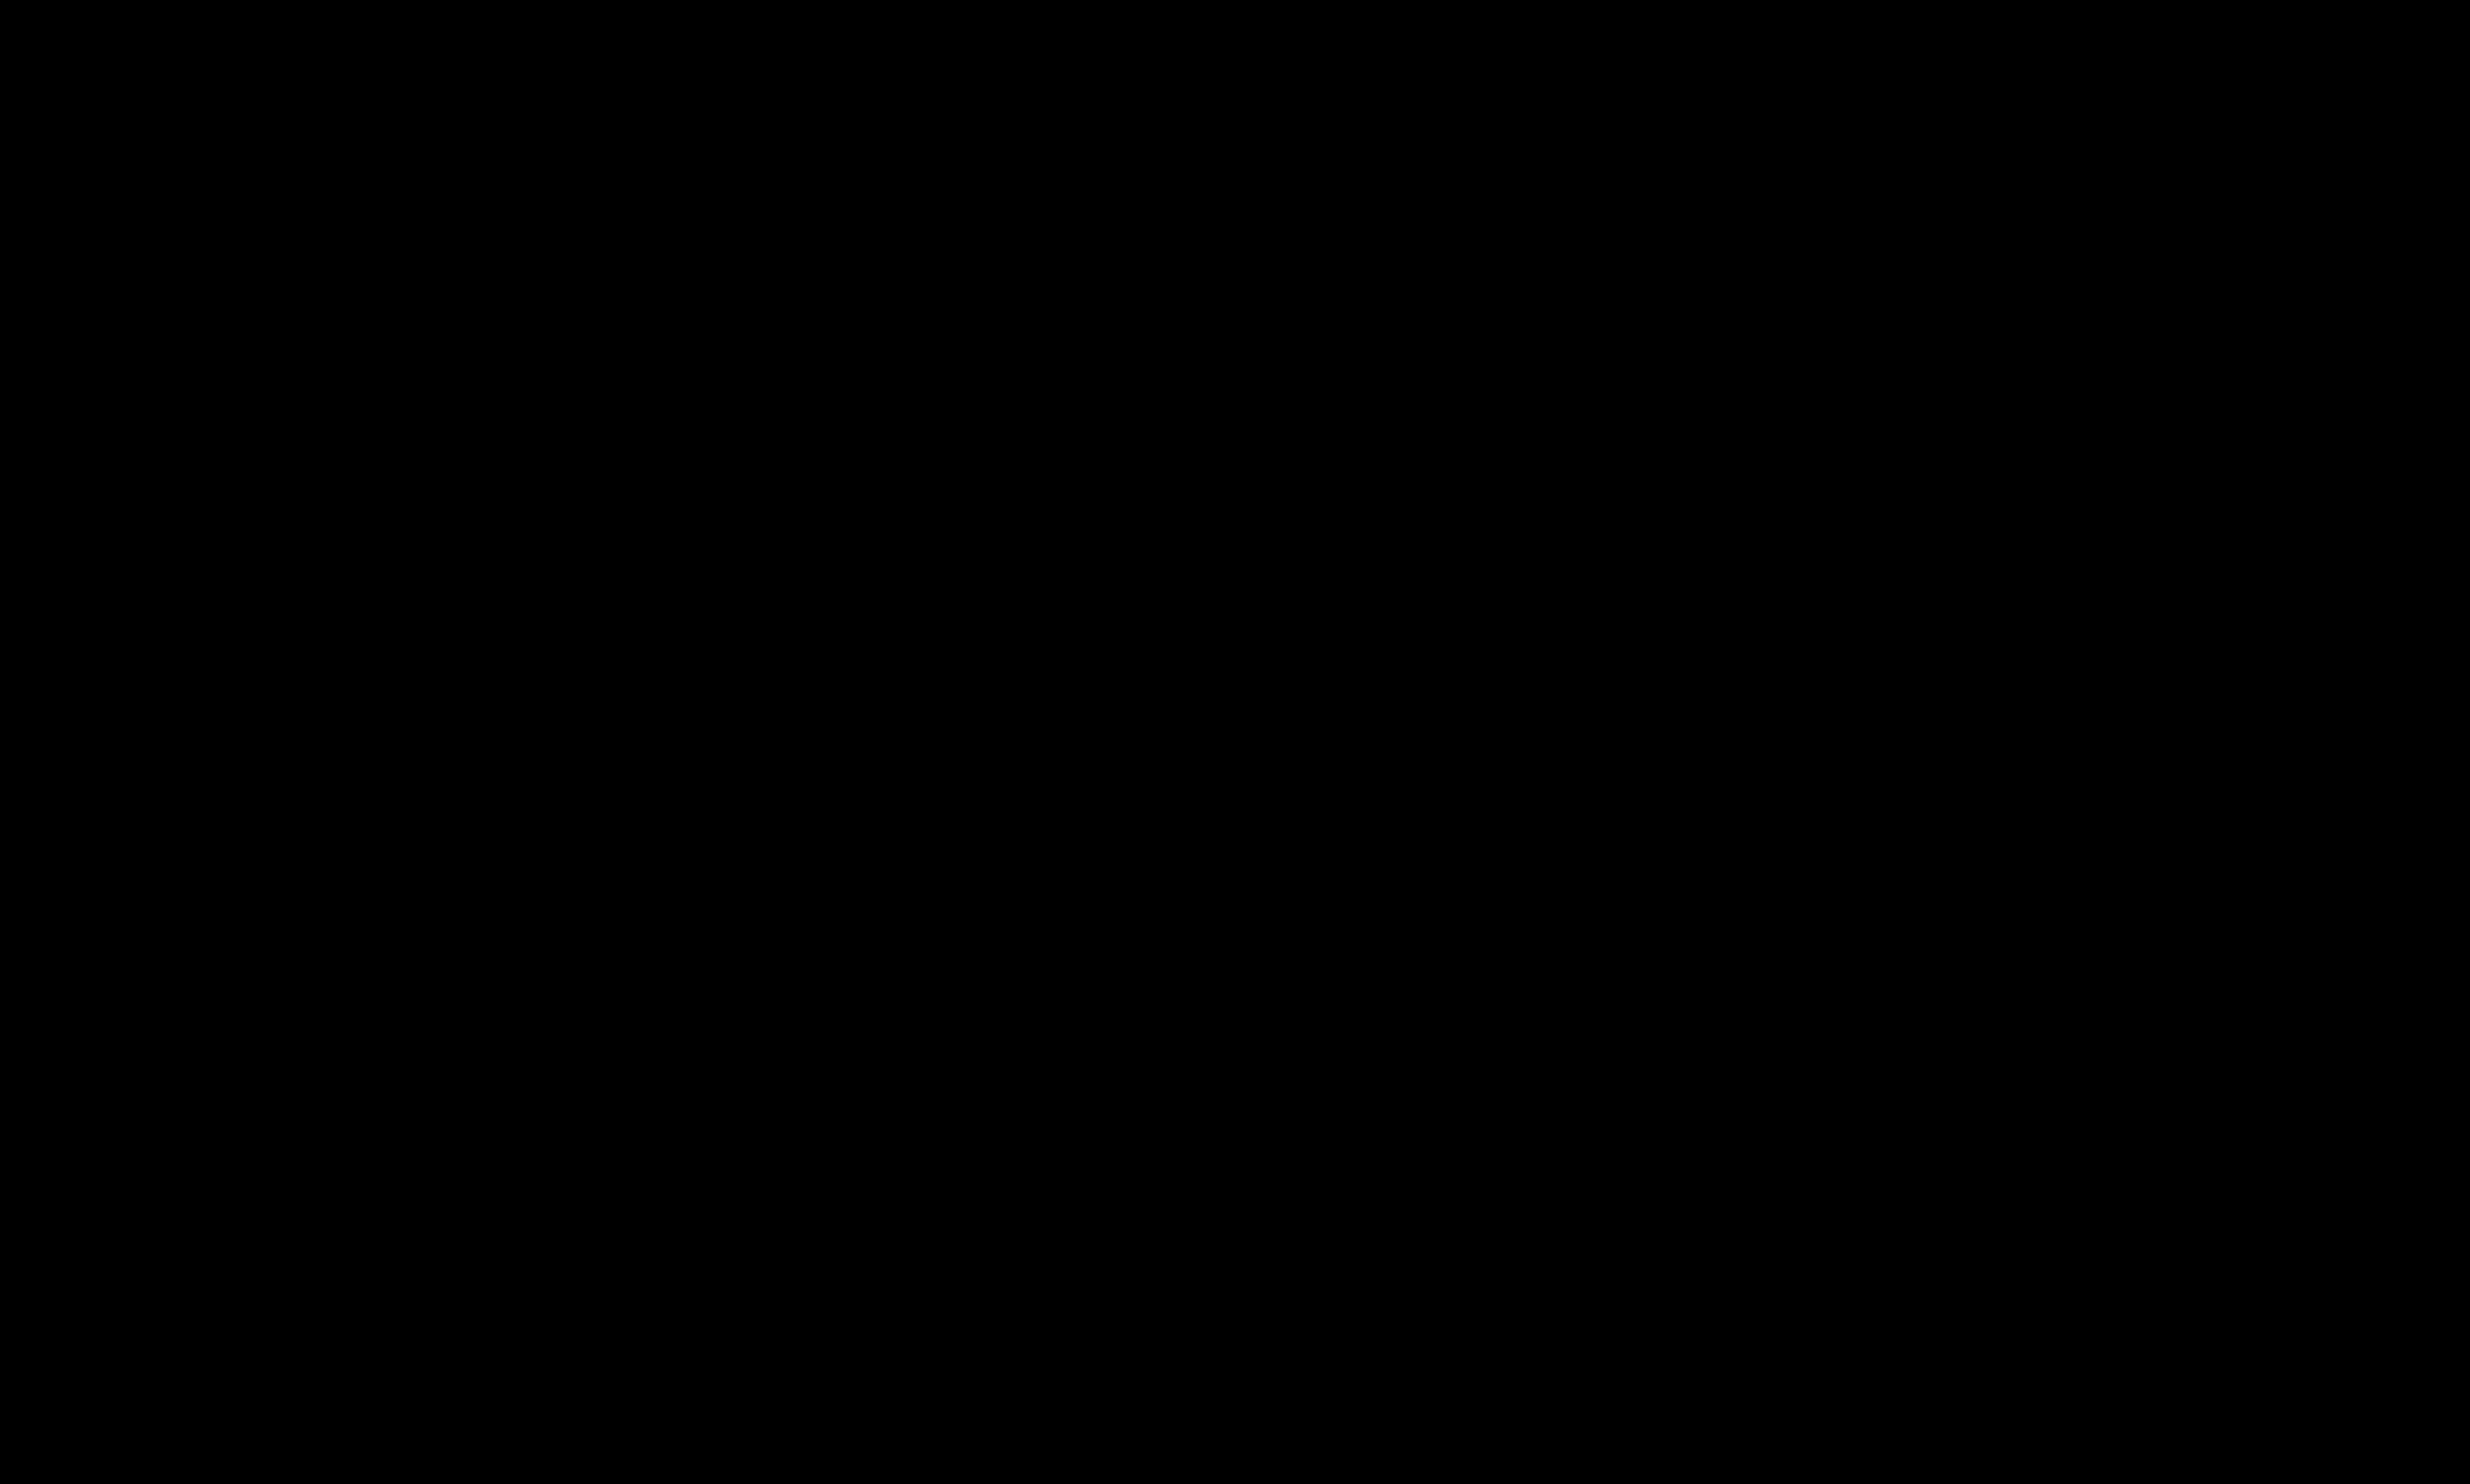 hinh anh Vinhomes Times City to hop can ho cao cap cho cu dan chuong loi song hien dai va tien nghi so 1